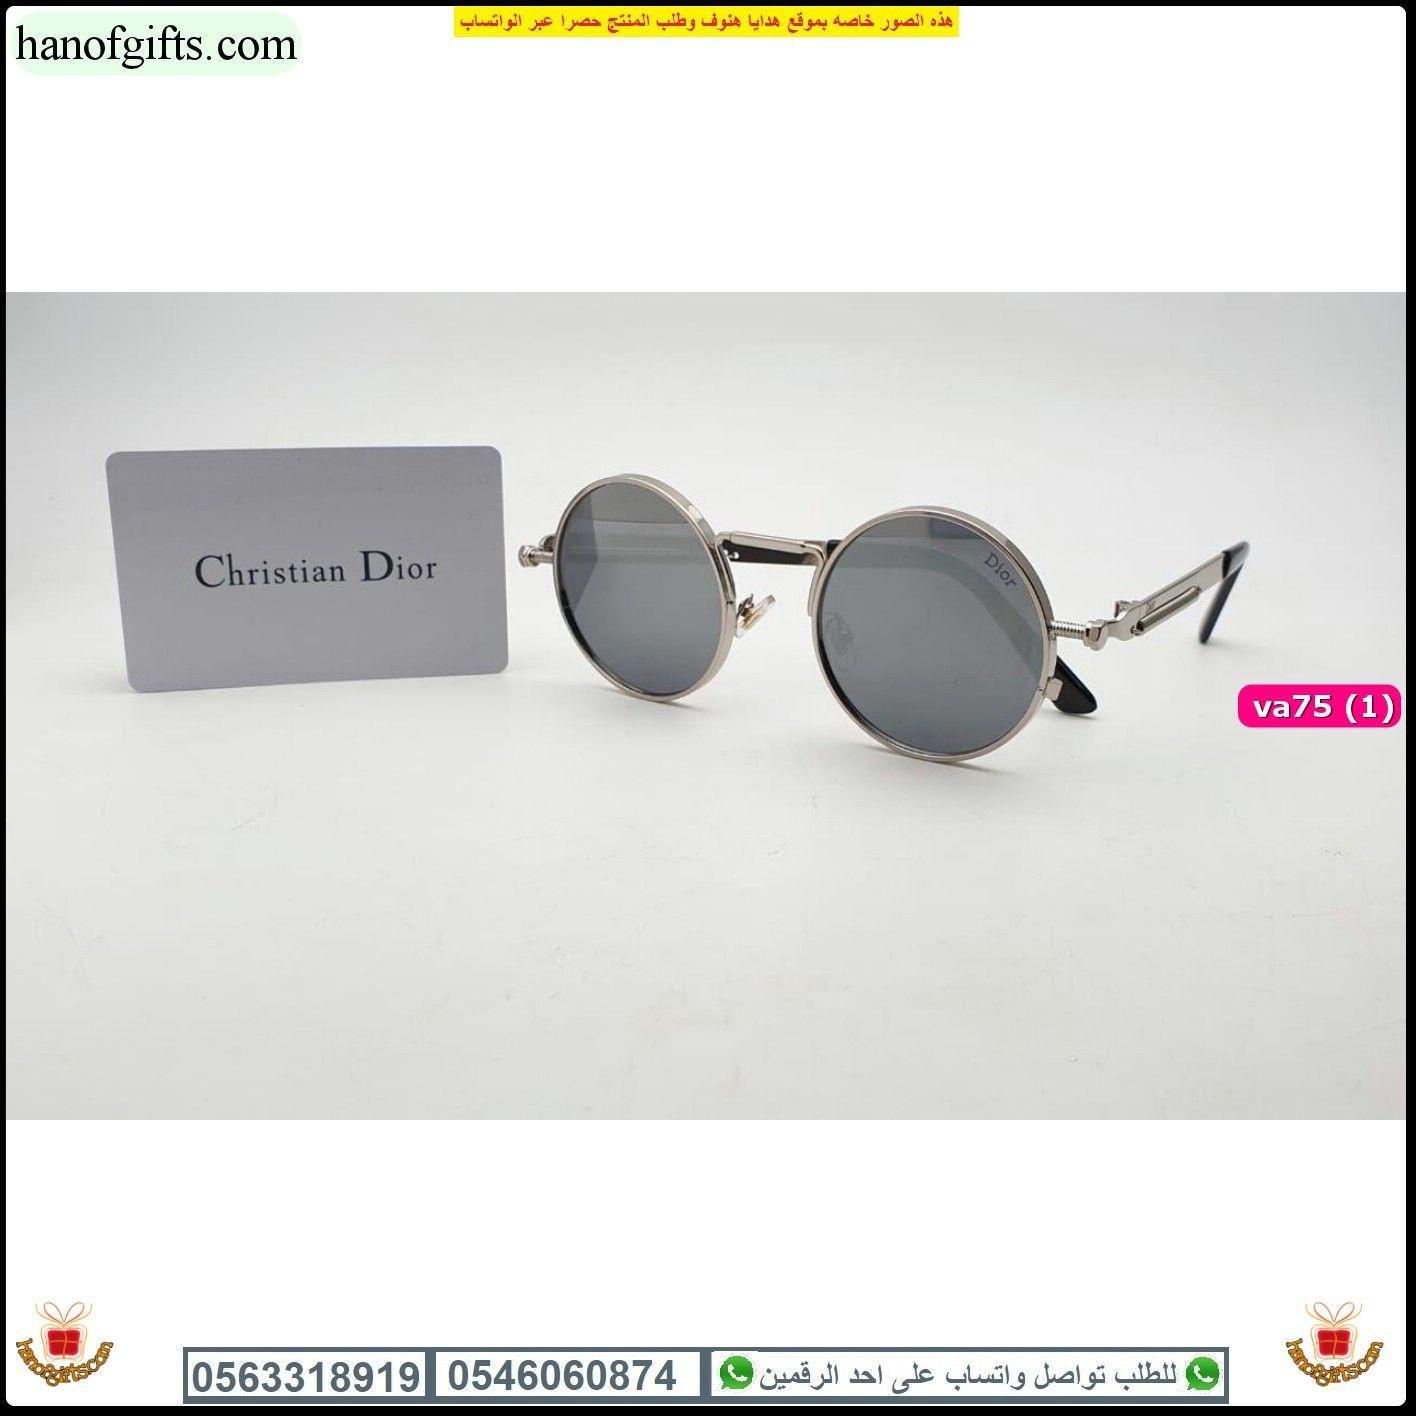 نظارات ديور Dior درجه اولى مع كامل ملحقاتها و بنفس الاسم هدايا هنوف Oval Sunglass Square Sunglass Glasses